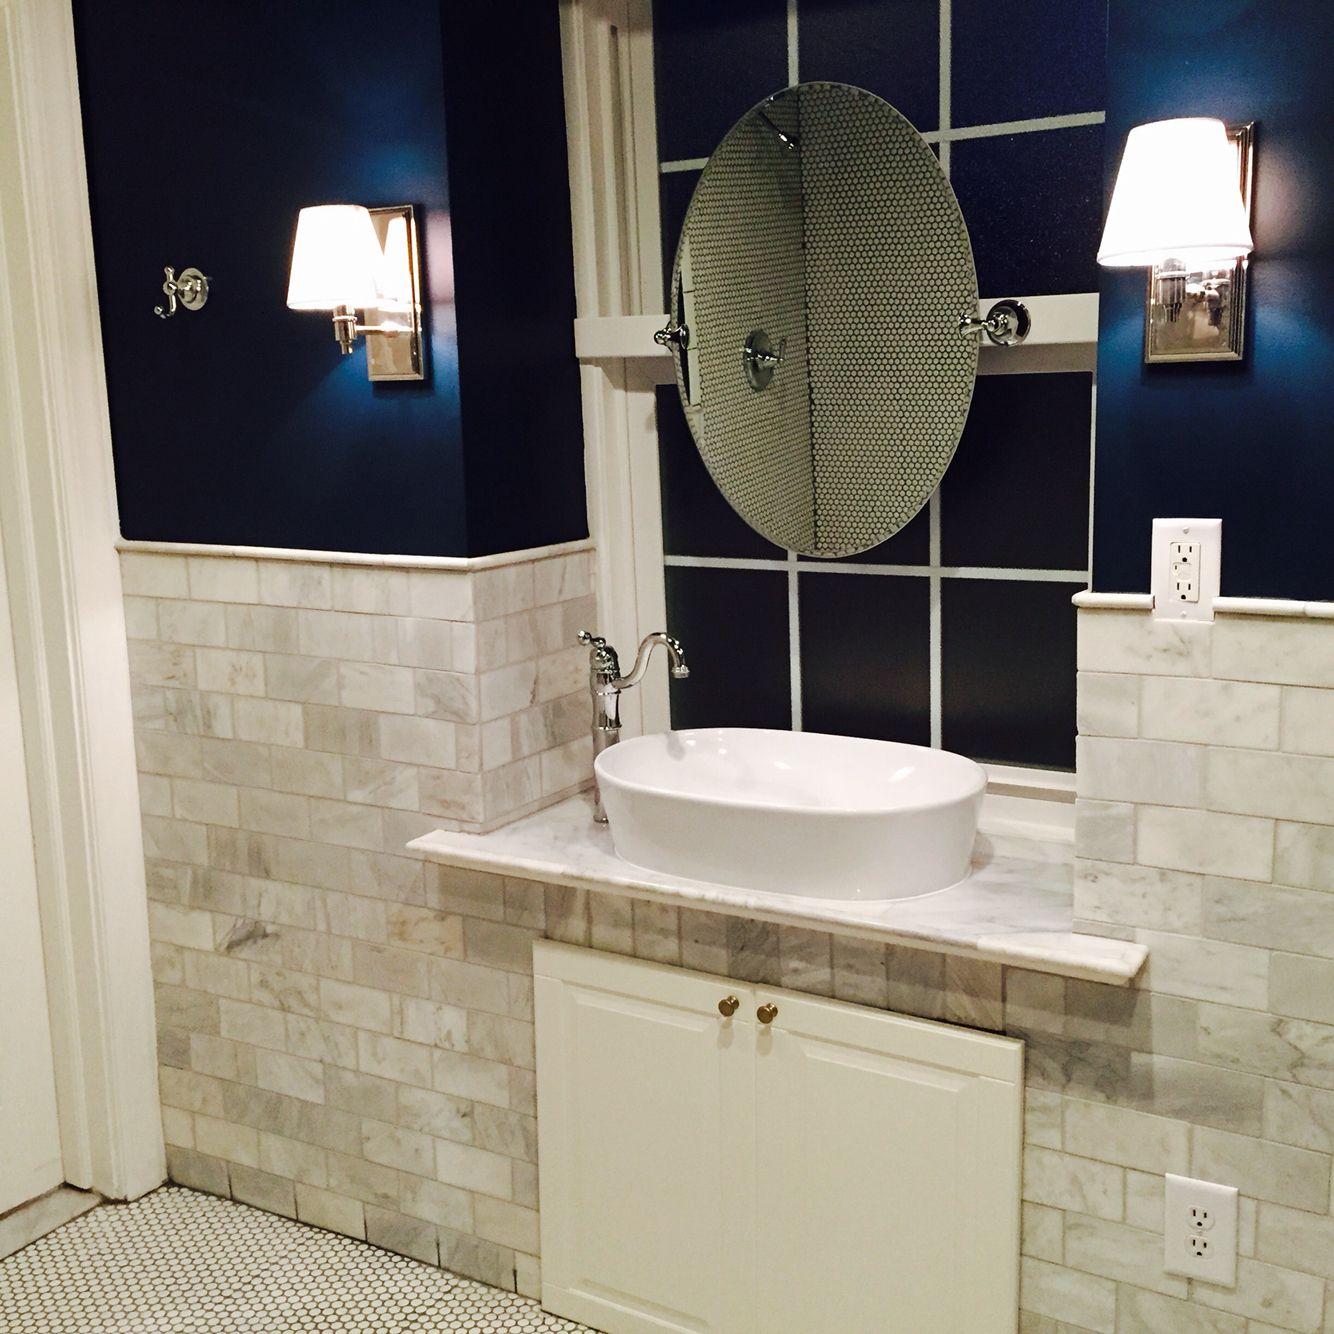 Mirror Mounted On Window Windowsill Vanity Bathroom Mirror Bathroom Round Mirror Bathroom